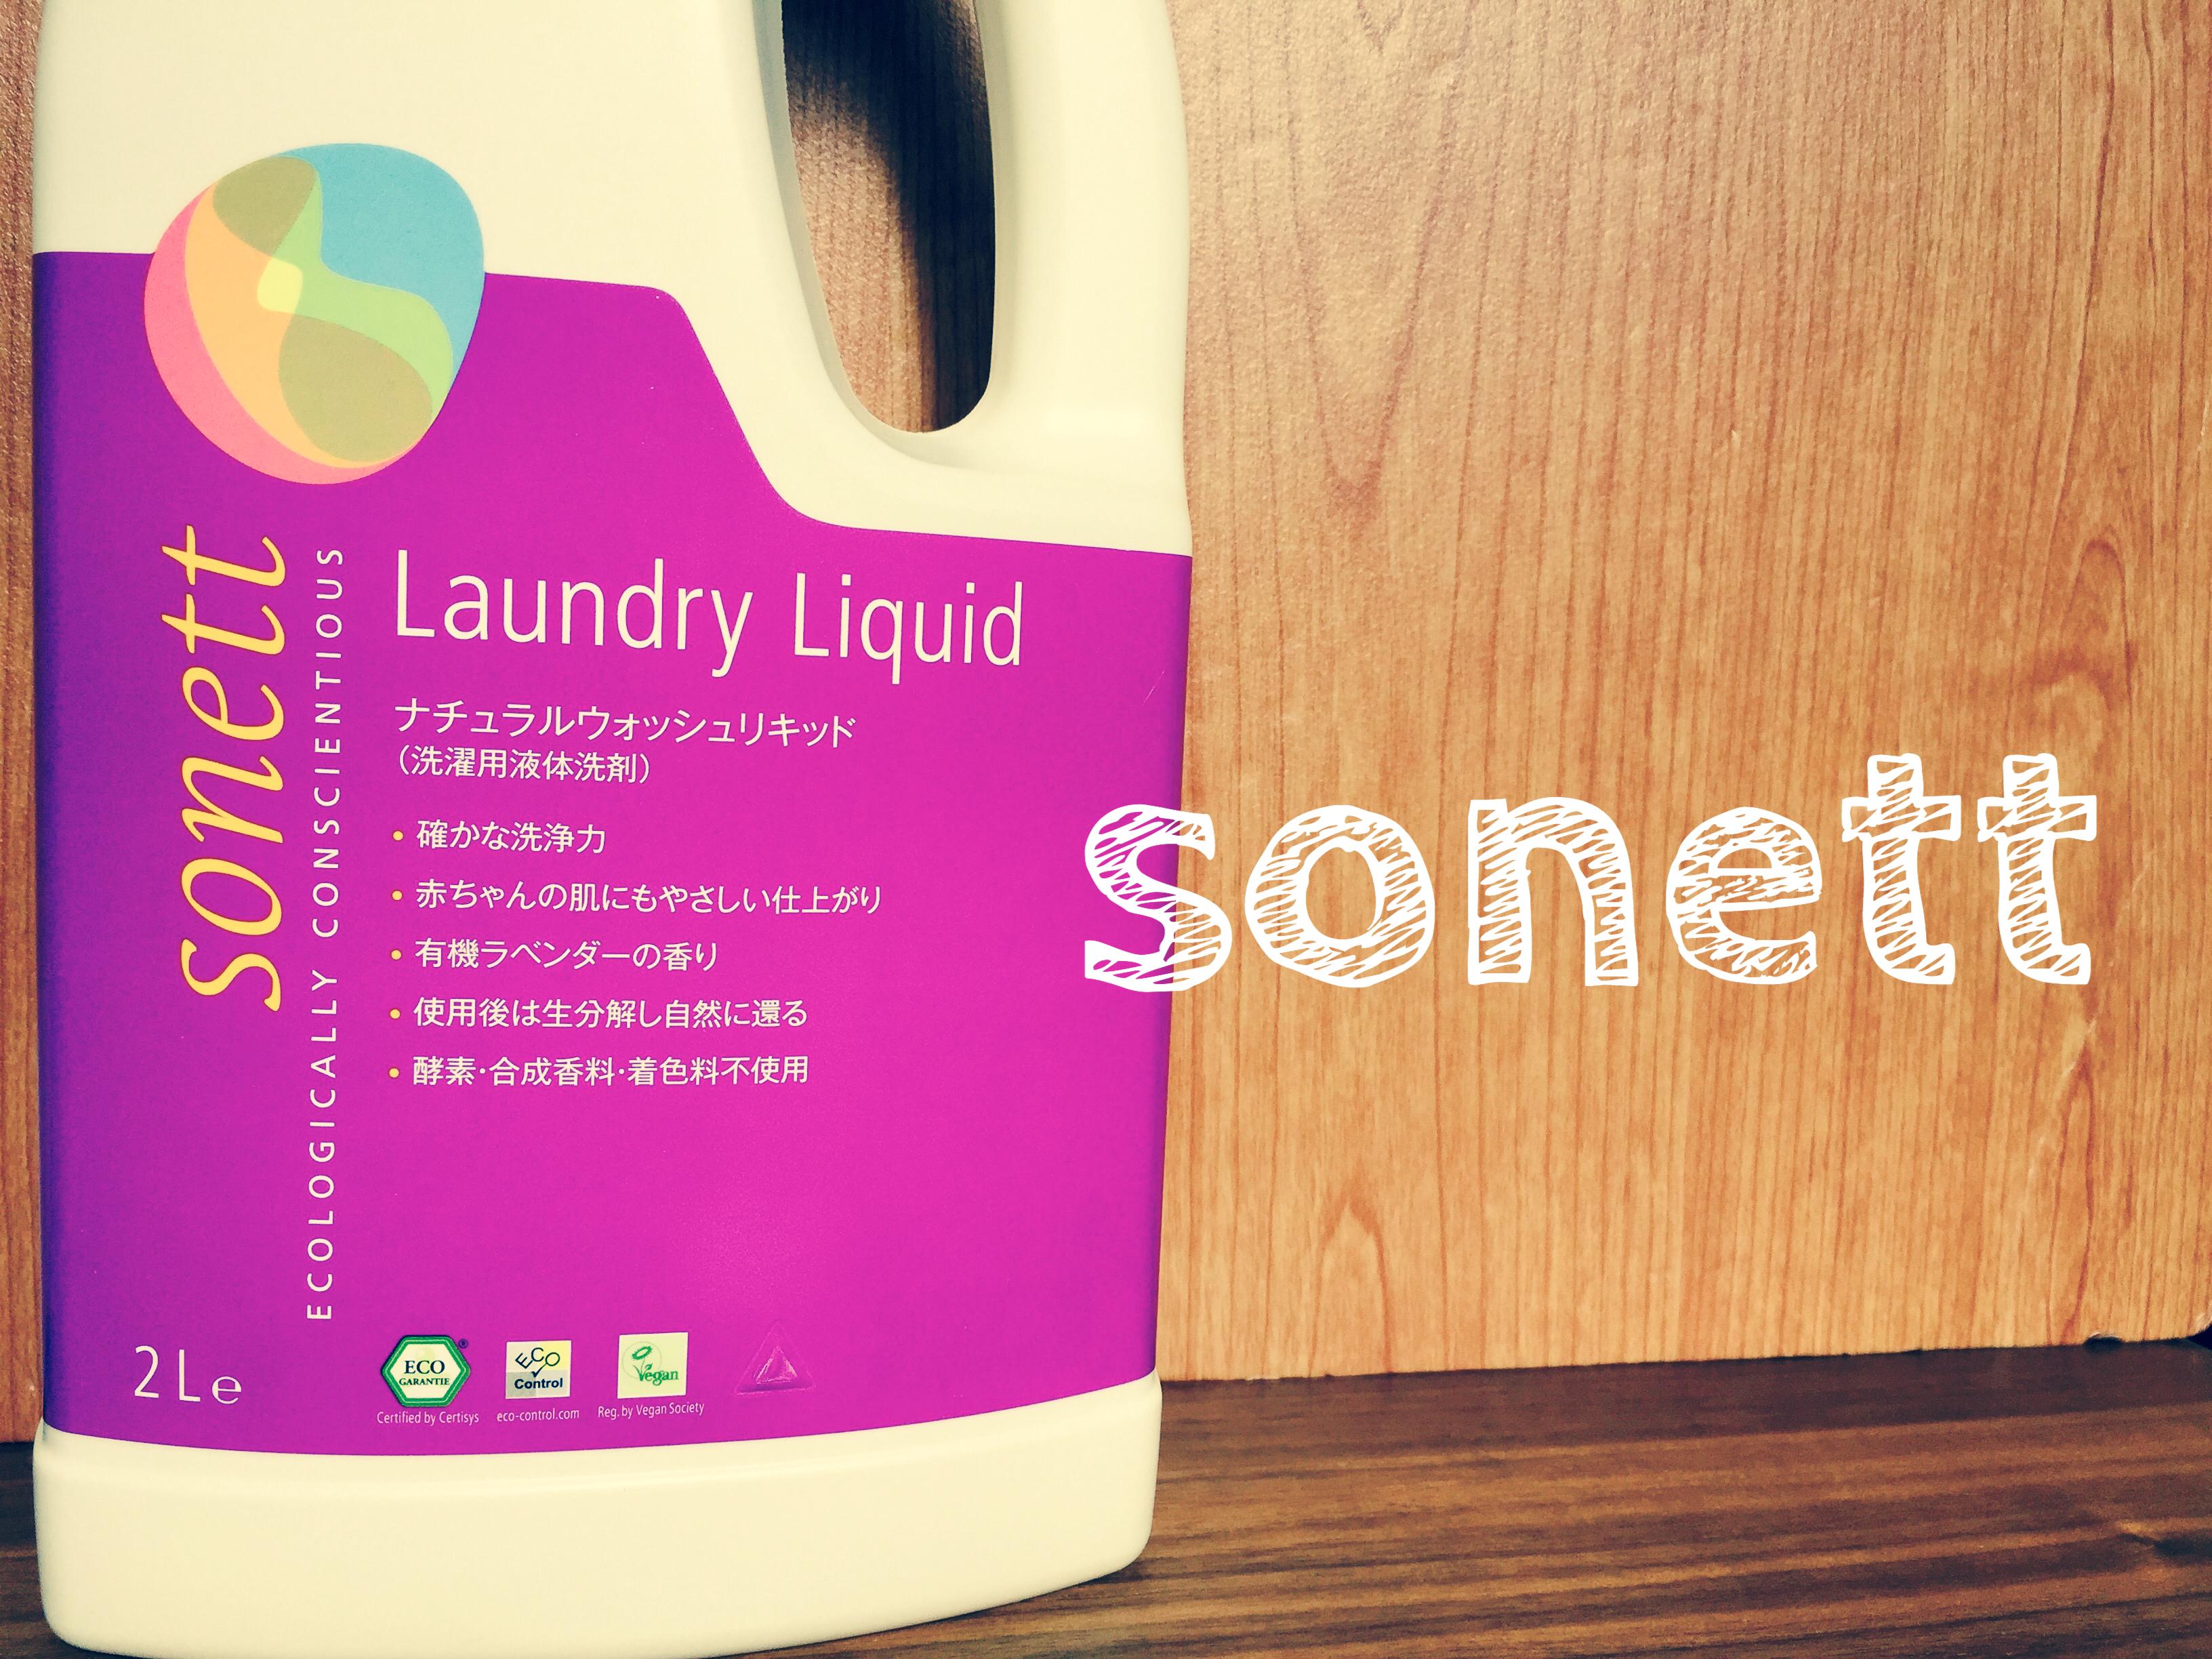 ソネット洗剤